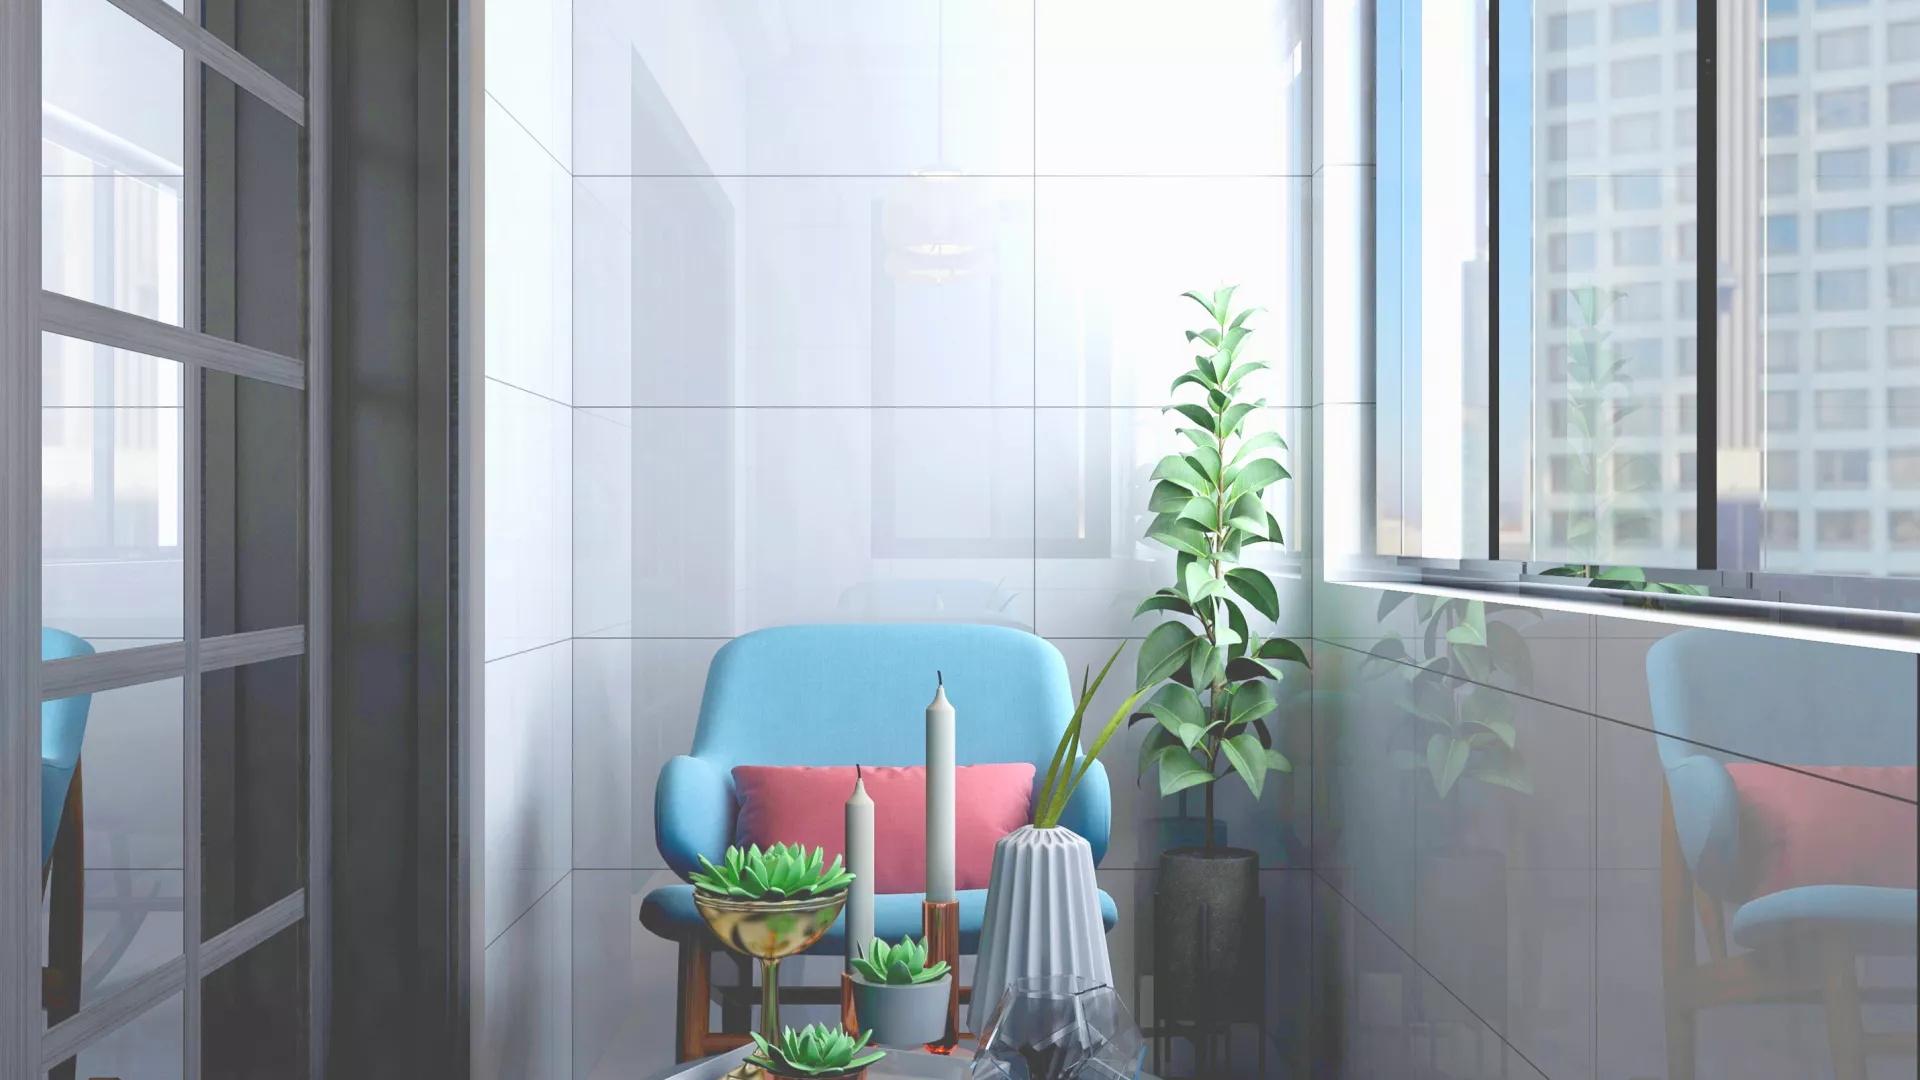 家装吧台设计风格 吧台设计原则